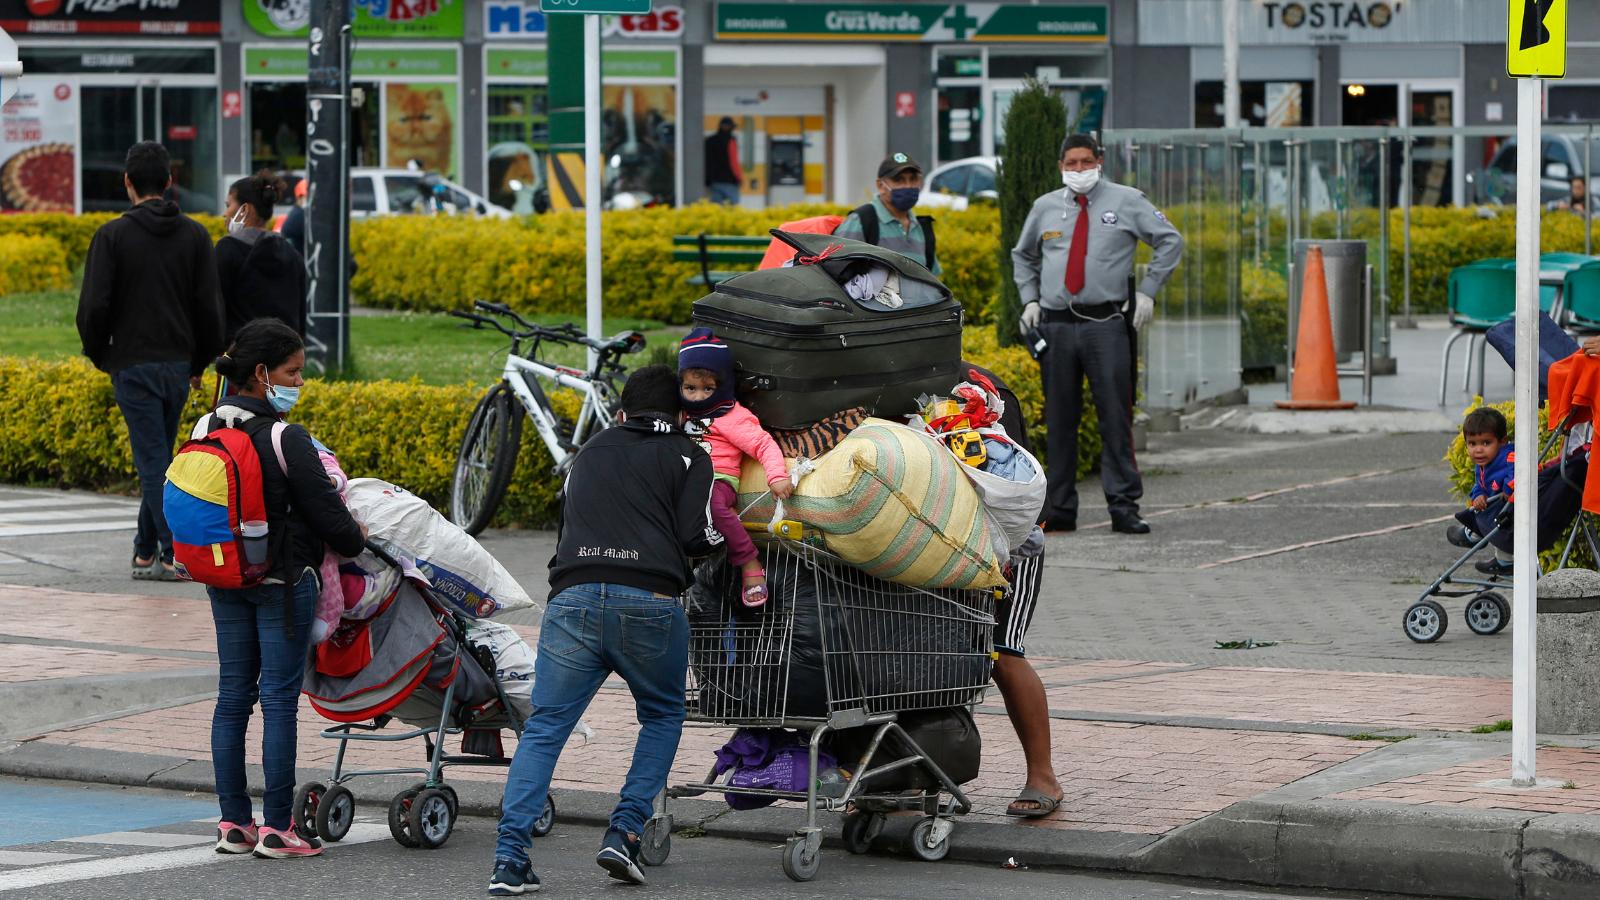 Hurto, el delito que más golpea a los migrantes en Colombia